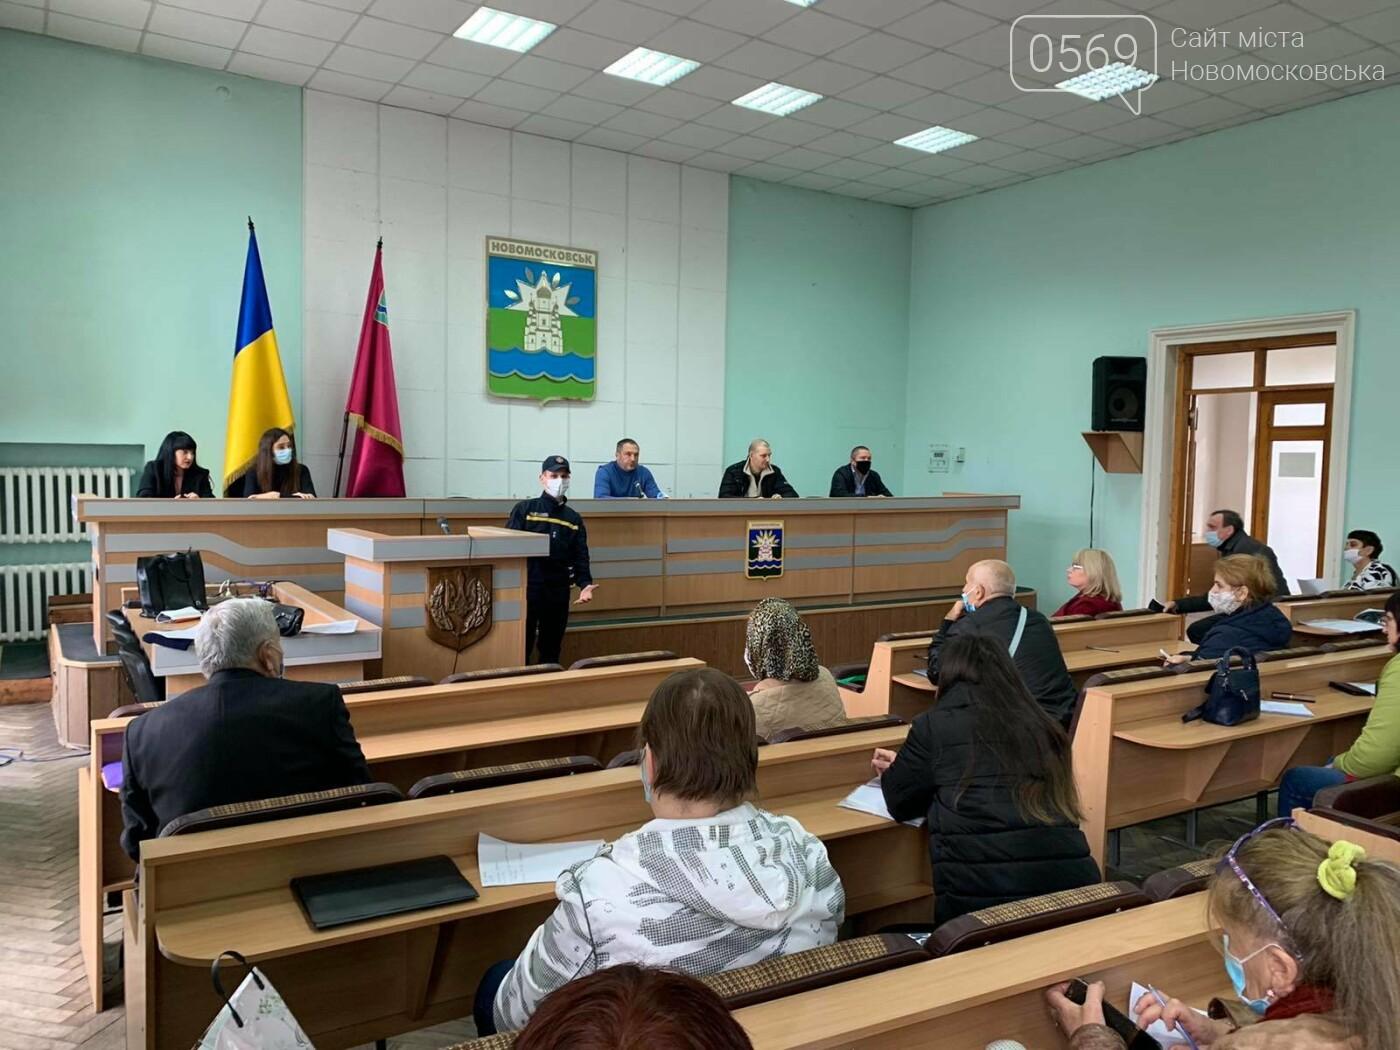 Надзвичайники Новомосковська провели інструктаж для організаторів виборчого процесу в місті, фото-1